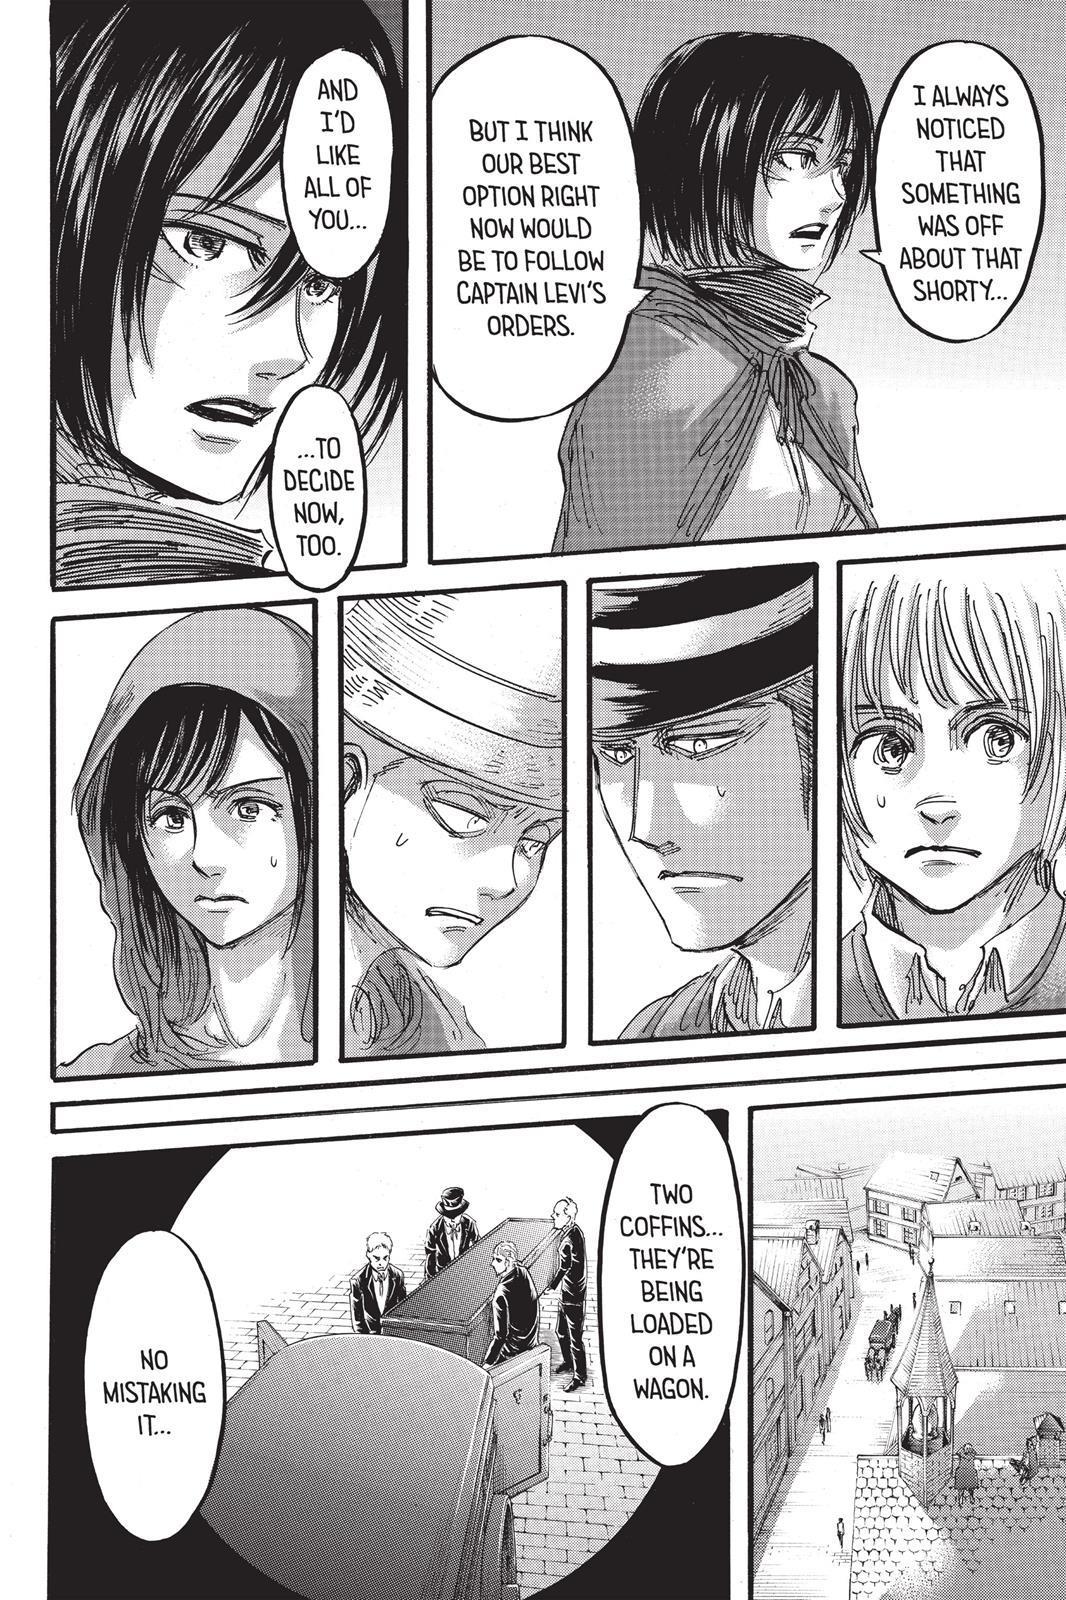 Attack On Titan, Episode 57 - Attack On Titan Manga Online